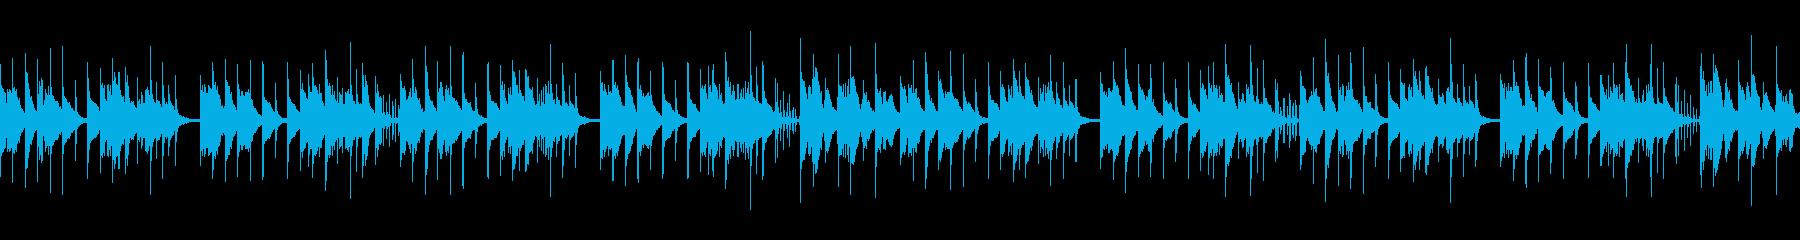 【ループ仕様】不思議な雰囲気のBGMの再生済みの波形